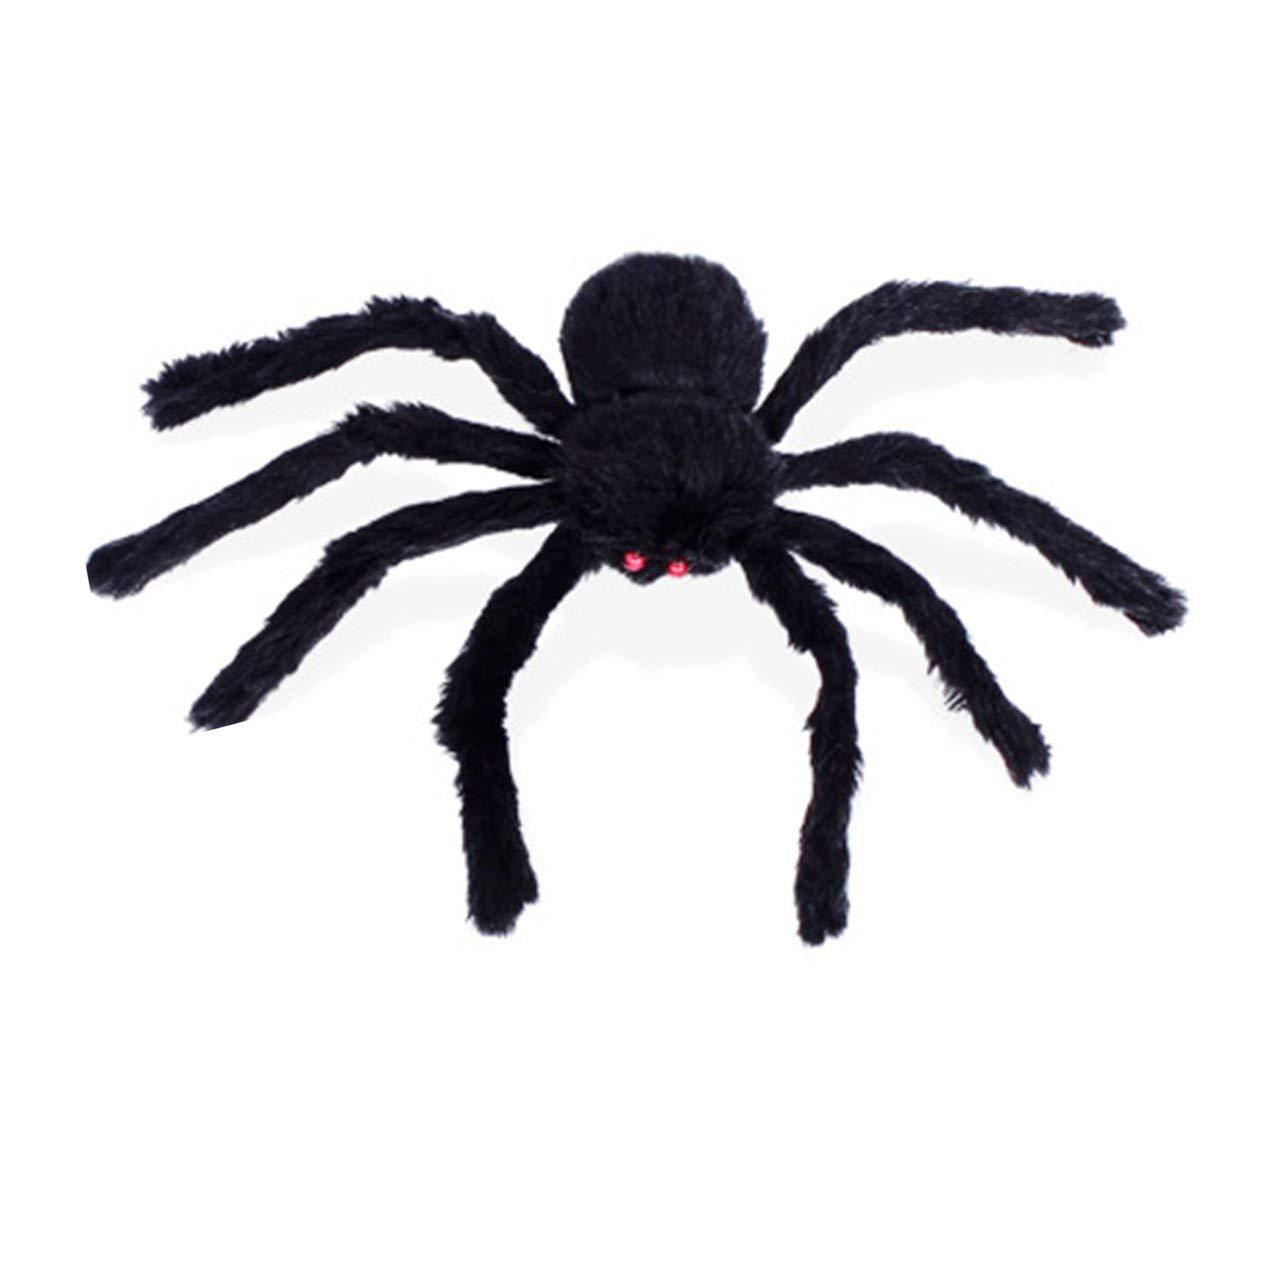 Dooret Creativo de Halloween simulado araña Falsa para Las Casas encantadas Decoraciones de la casa encantada araña de Peluche Juguetes difíciles